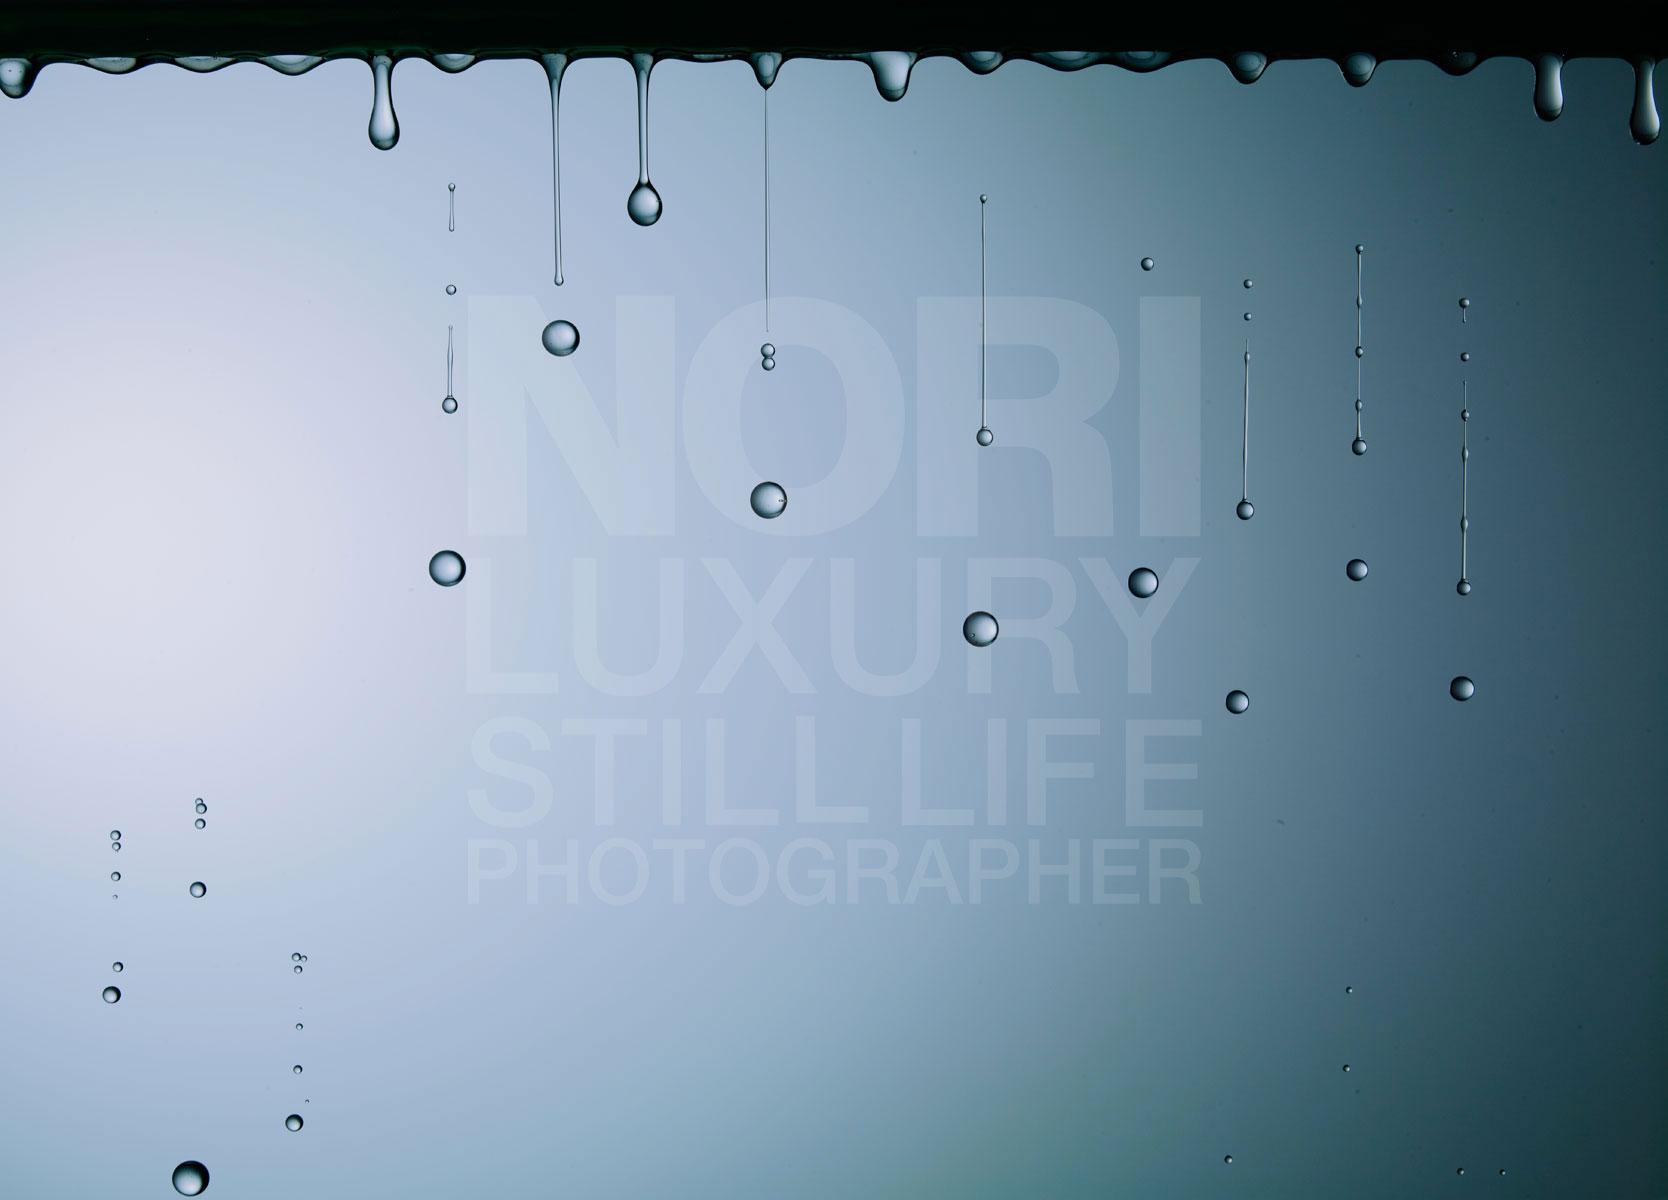 61d_091110_waterdrop-17981.jpg